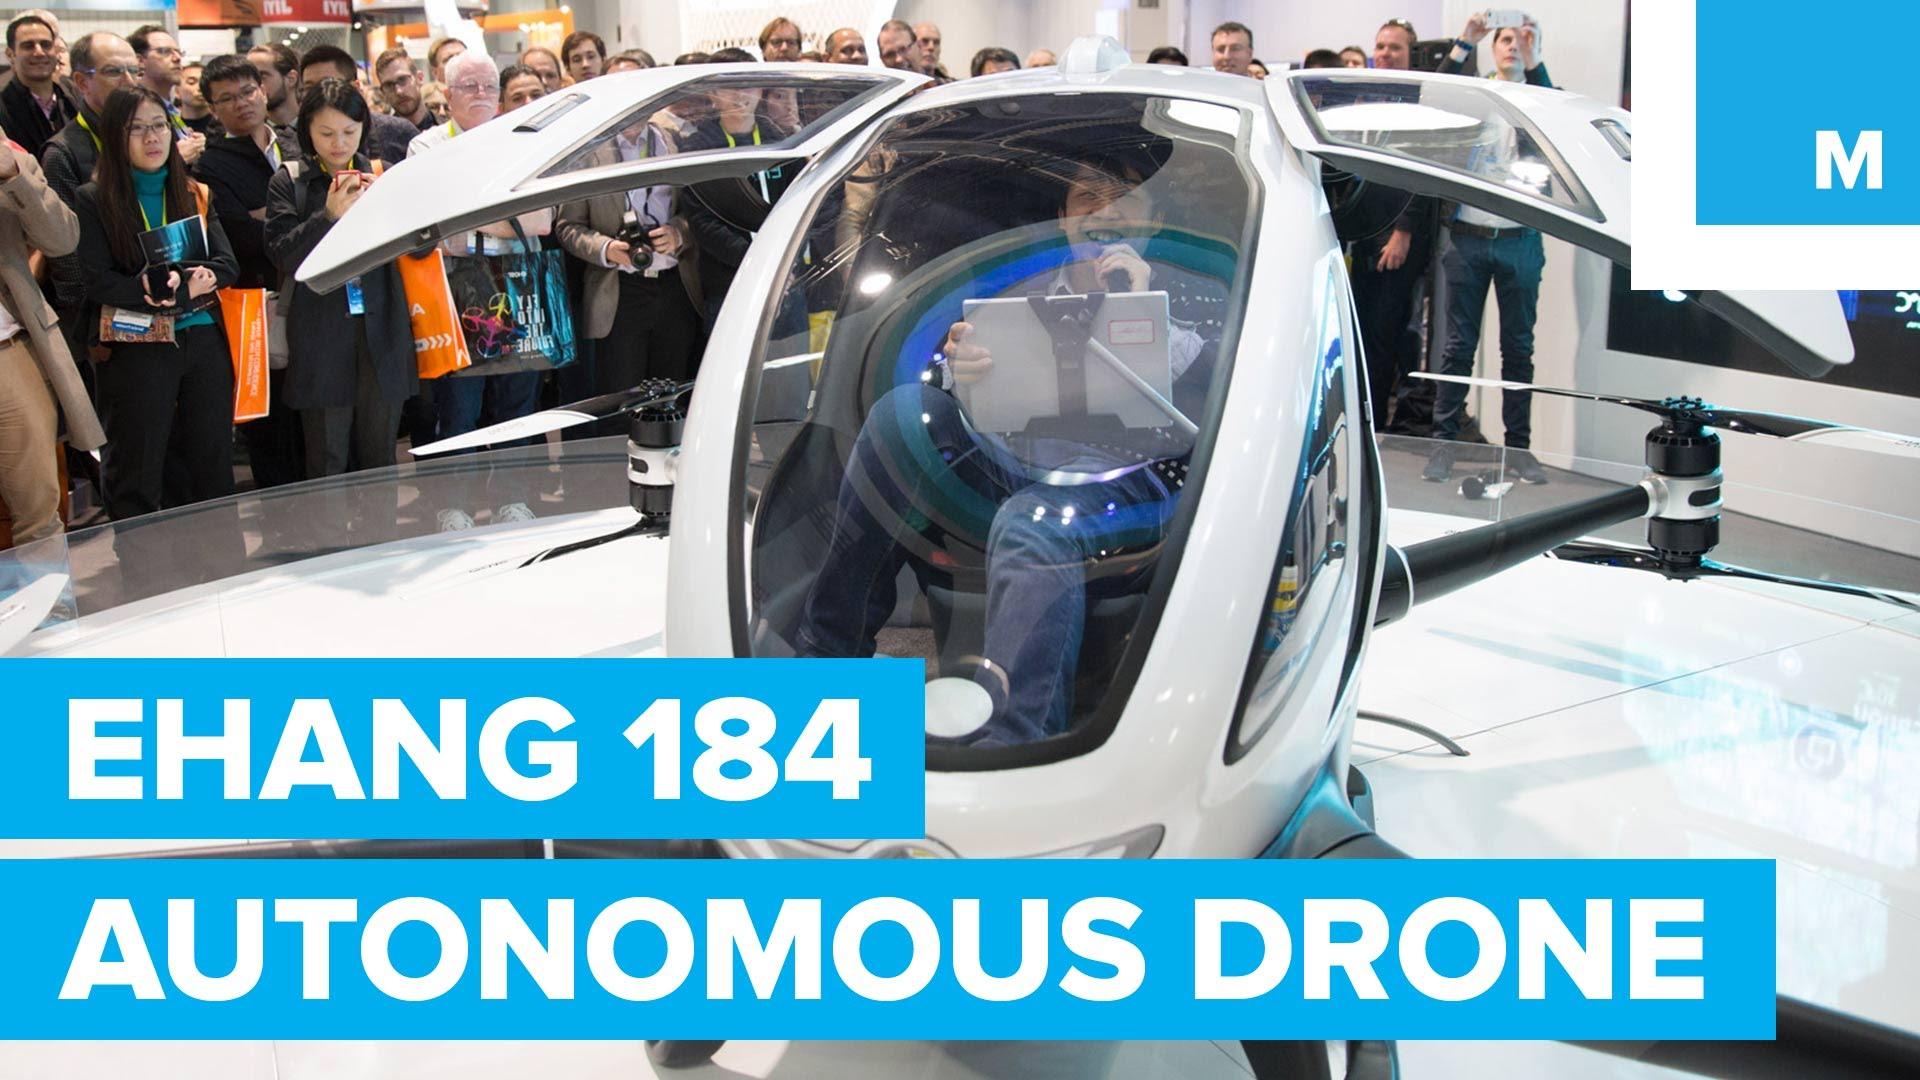 Ehang 184 Autonomous Manned Vehicle Drone